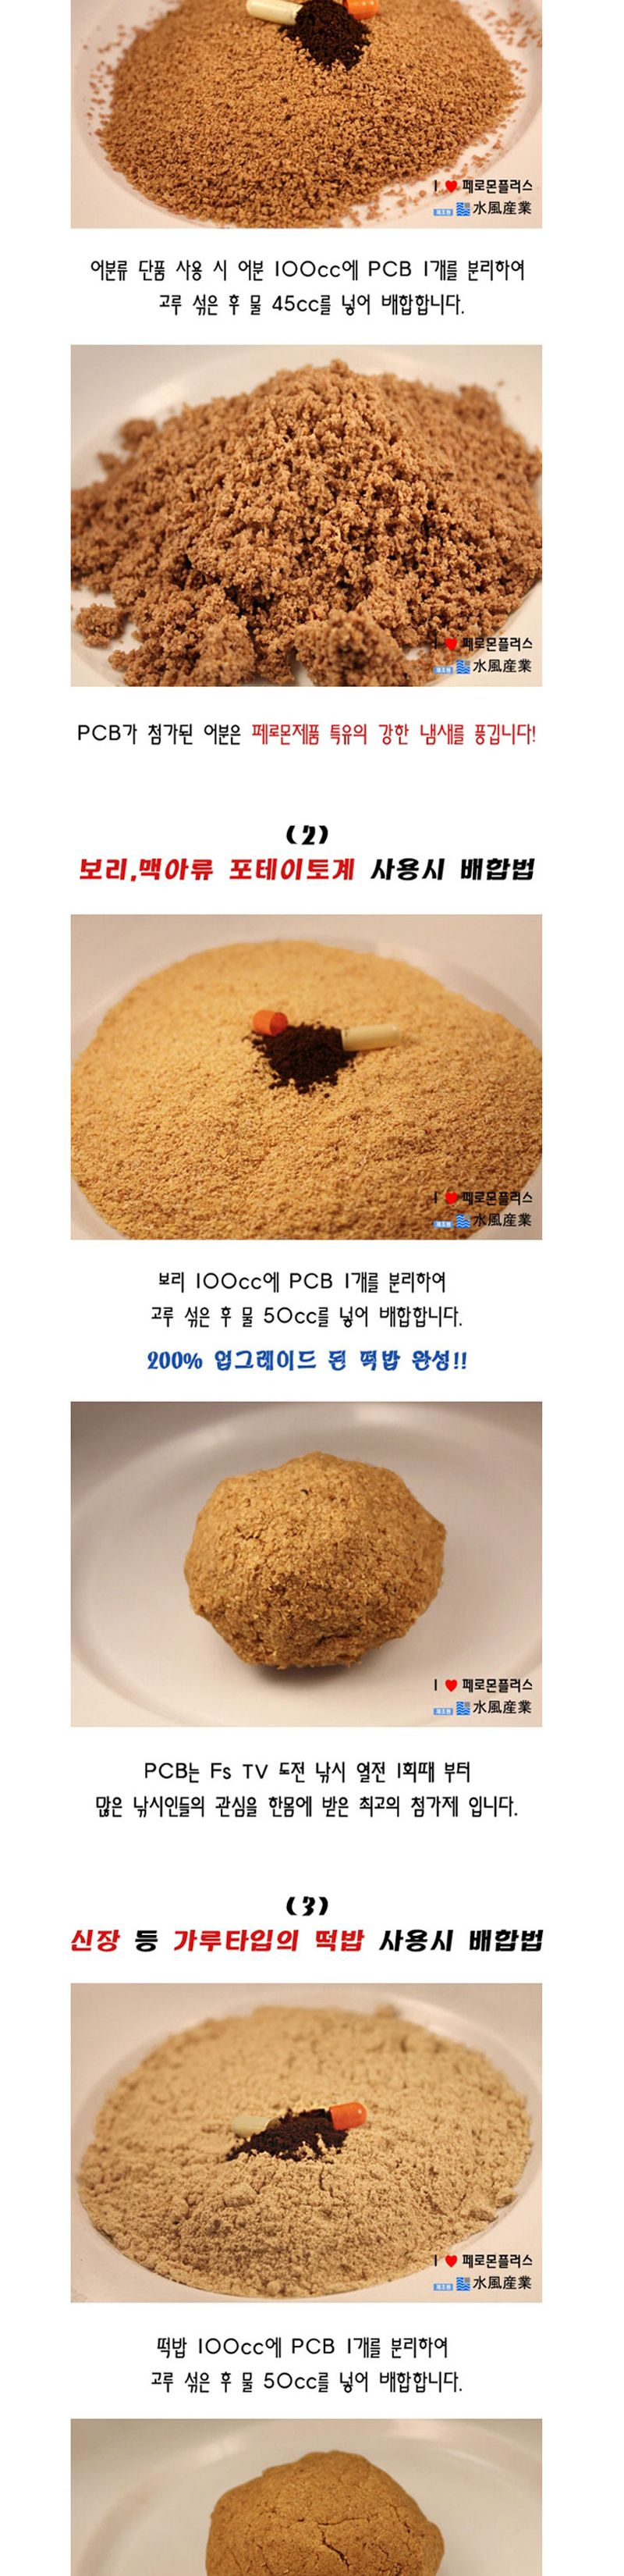 씨타임 수풍산업 페로몬 PCB 집어제 첨가제 집어제 민 집어제 민물미끼 떡밥 알맹이떡밥 낚시미끼